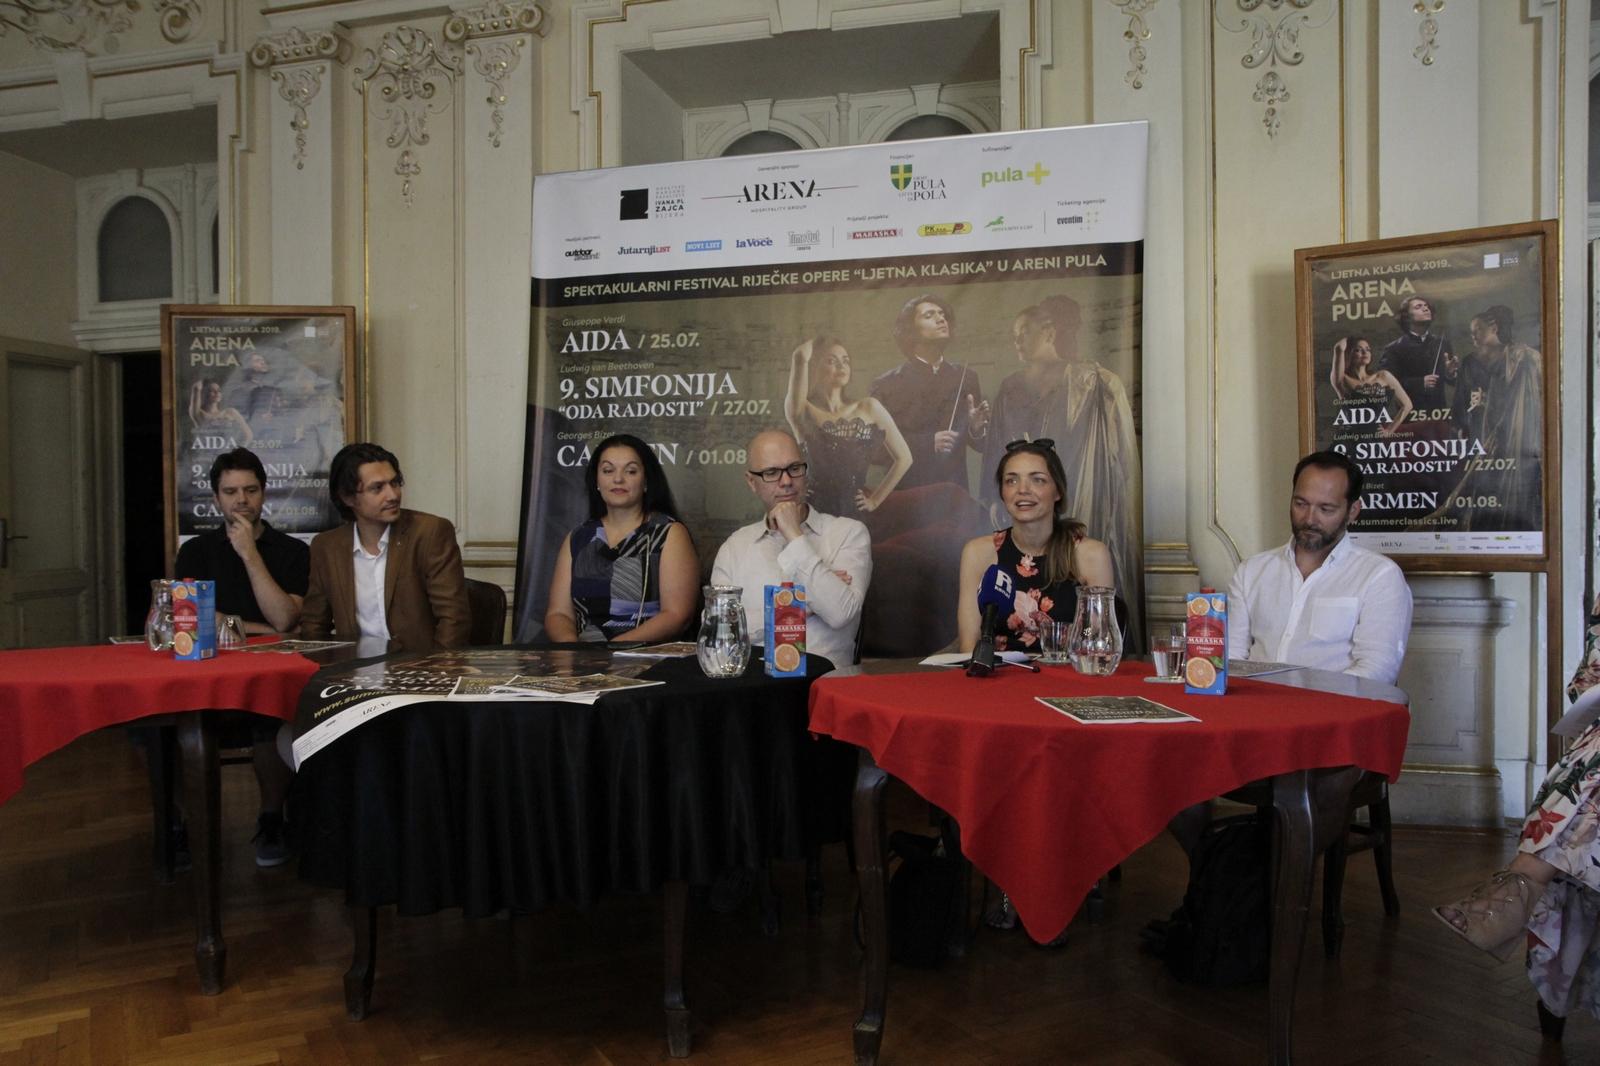 Riječka ljetna klasika u Puli najavljena na press konferenciji